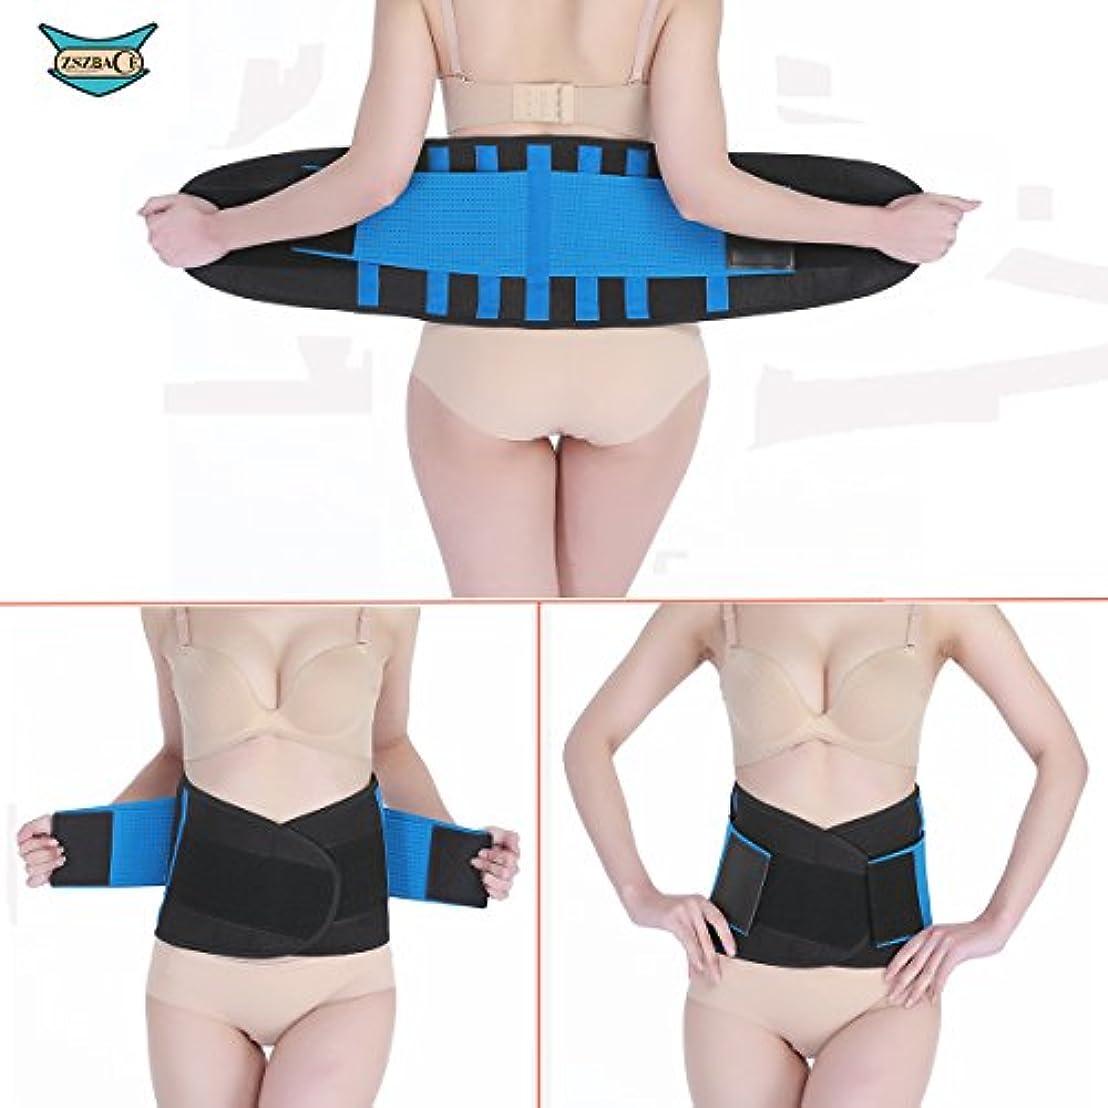 セクタ幸福意図腰サポーター 骨盤ベルト 幅広タイプで固定力抜群 腹巻でシェイプアップ 腰保護コルセット